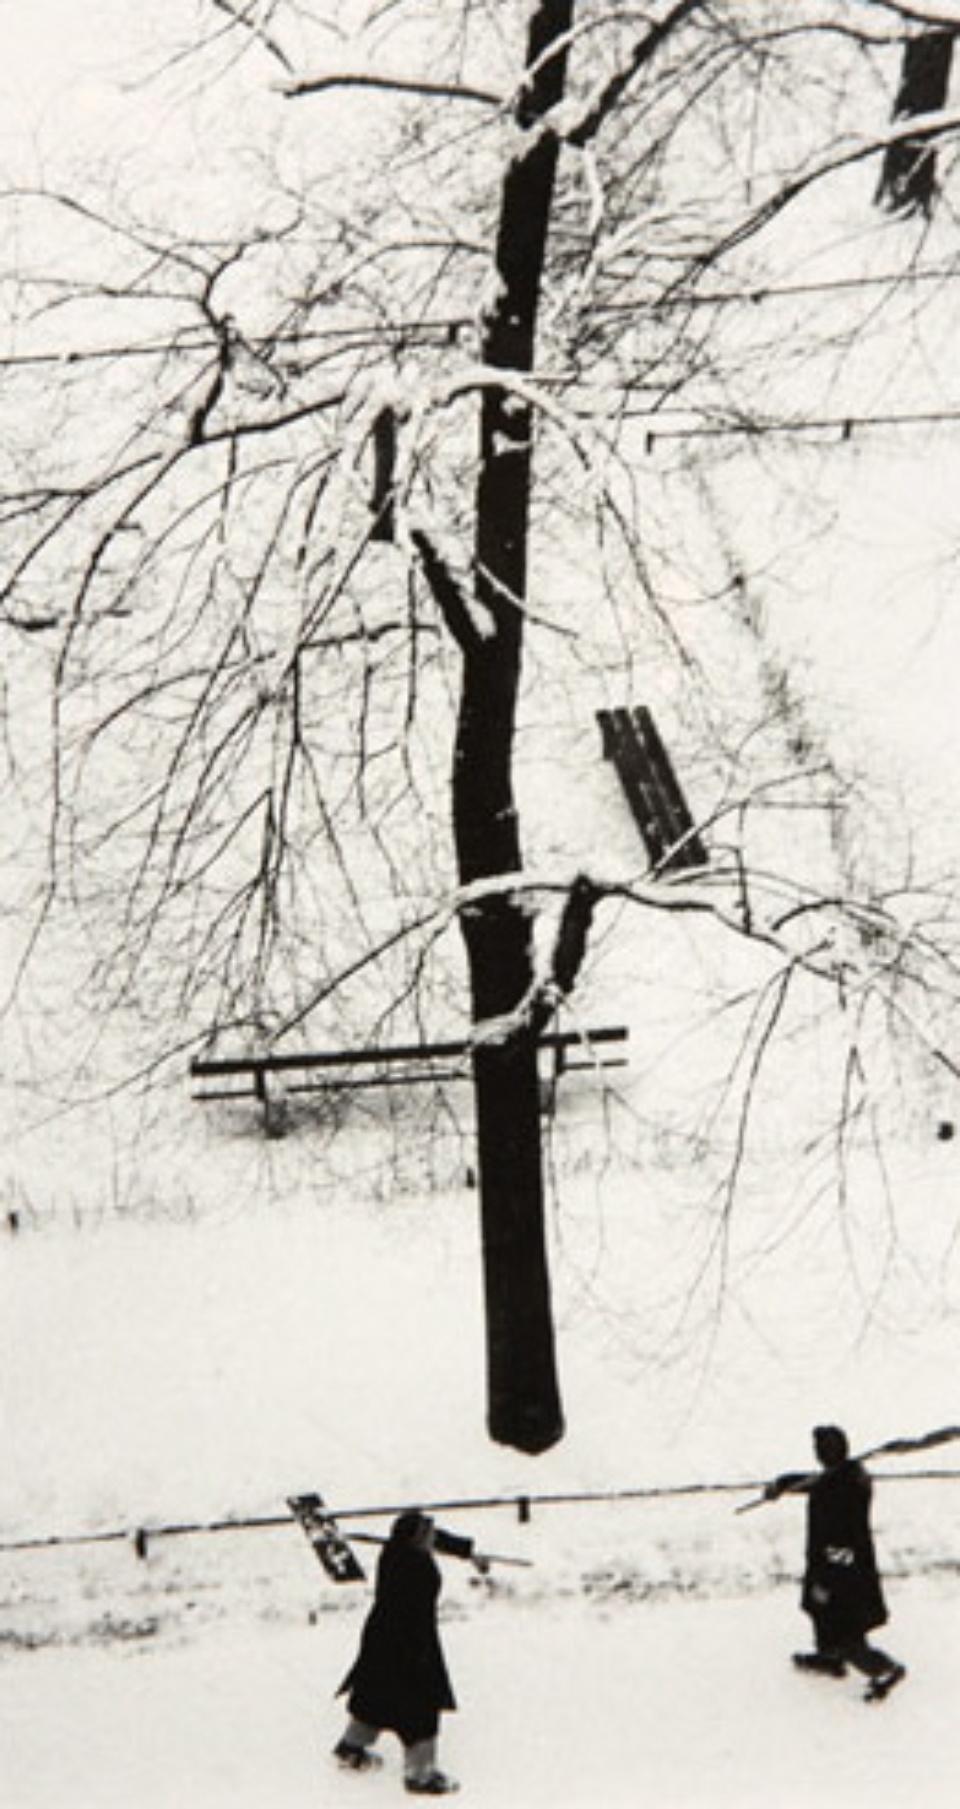 Herbert List Erster Schnee München, 1959 Gelatin Silver Print